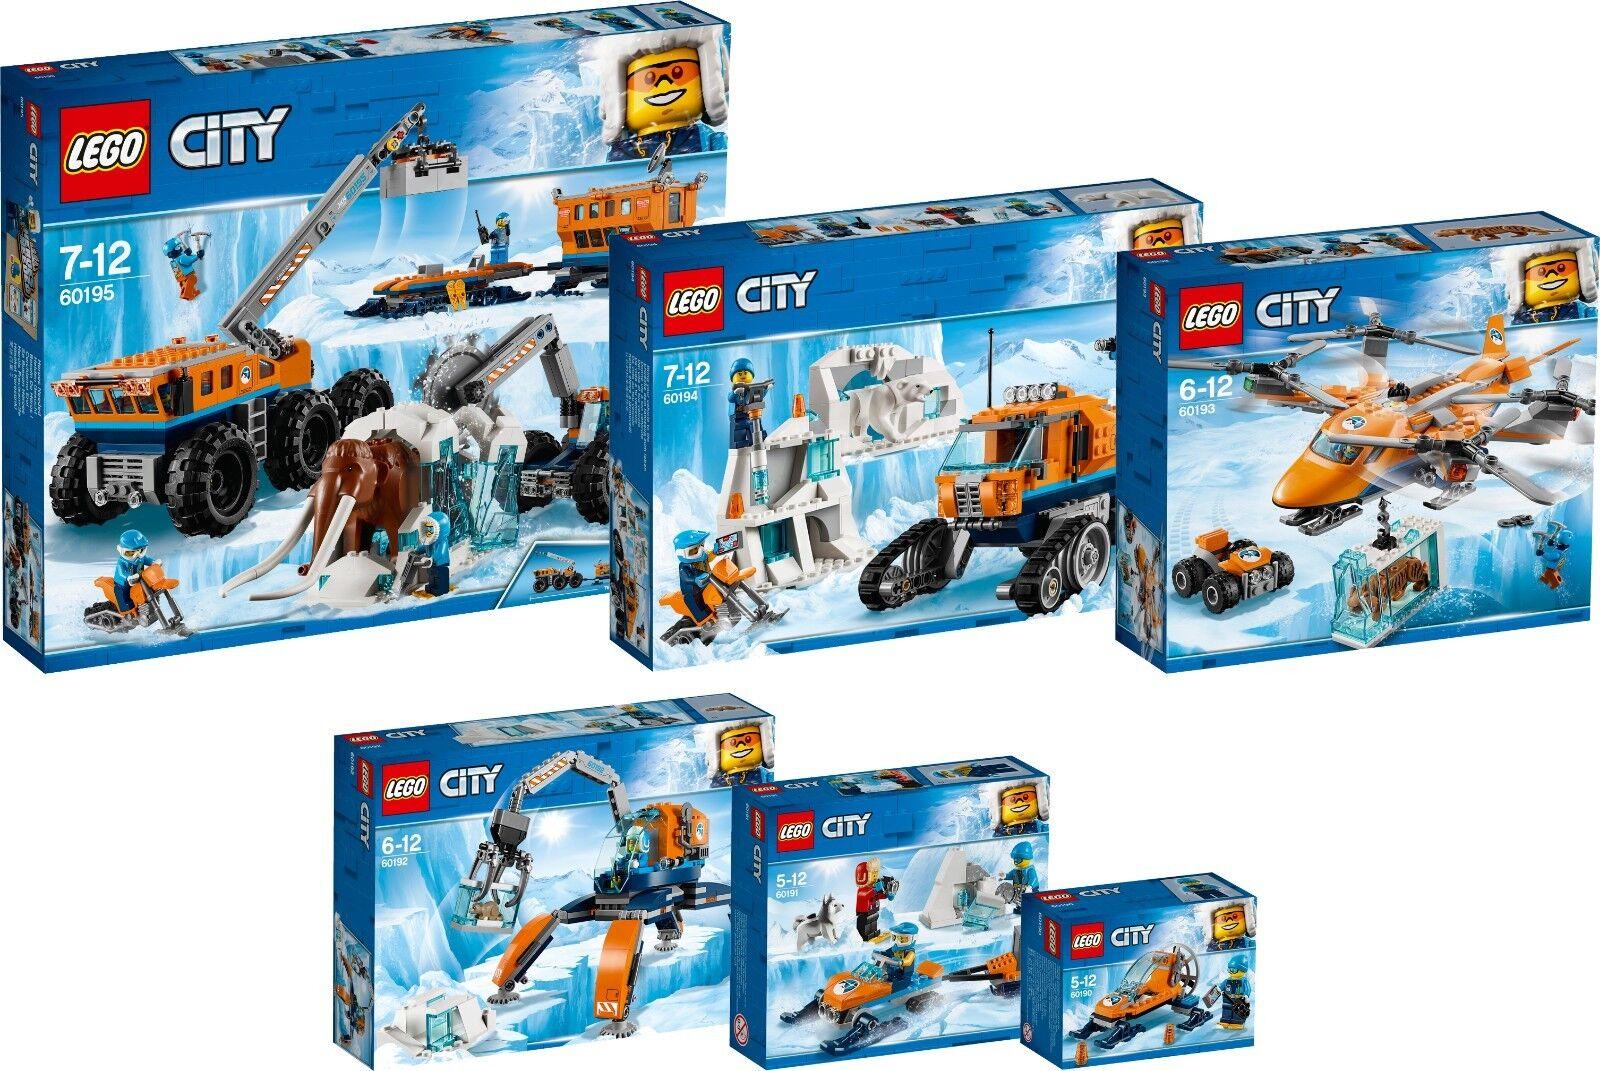 LEGO City Arktis Transport Transport Transport Full 60195 60194 60193 60192 60191 60190 NEU N7/18 65171f